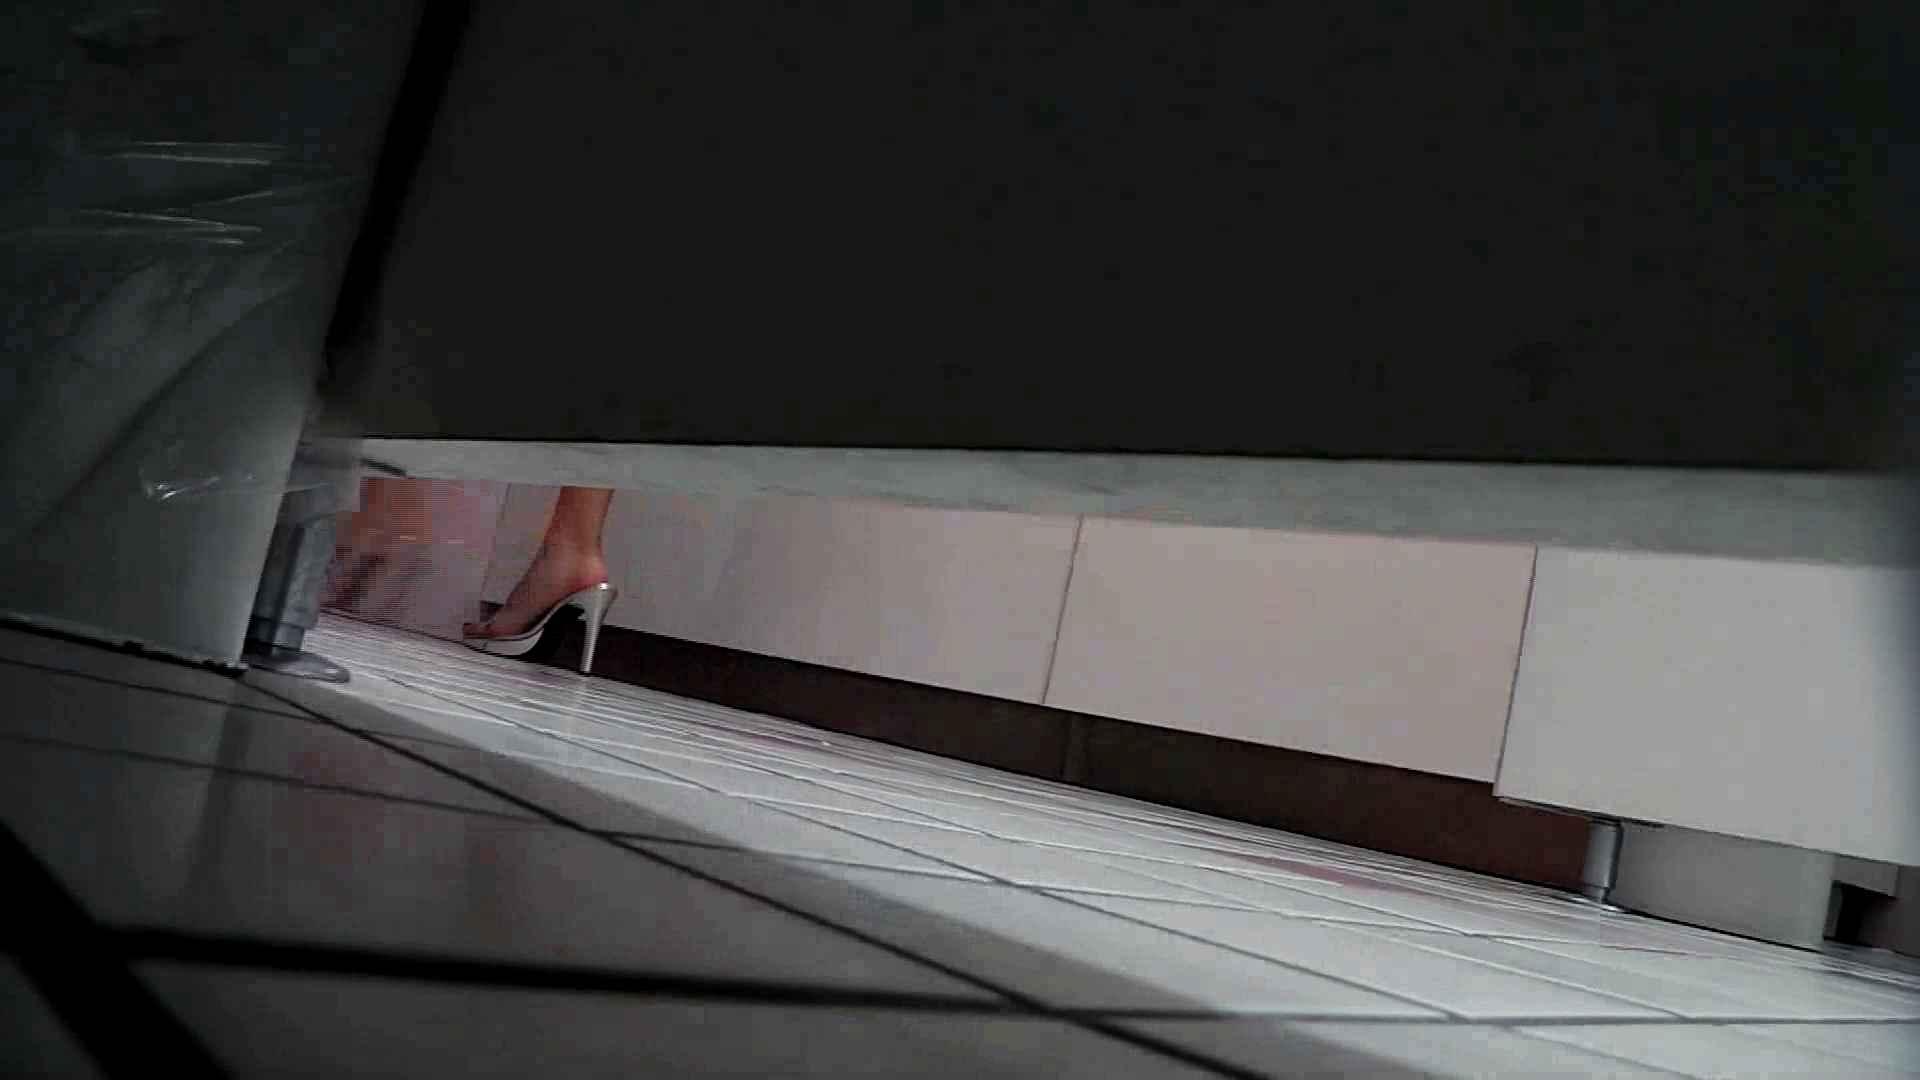 ▲2016_01位▲ 美しい日本の未来 No.27 規格外主人公登場 Hなモデル SEX無修正画像 108pic 107